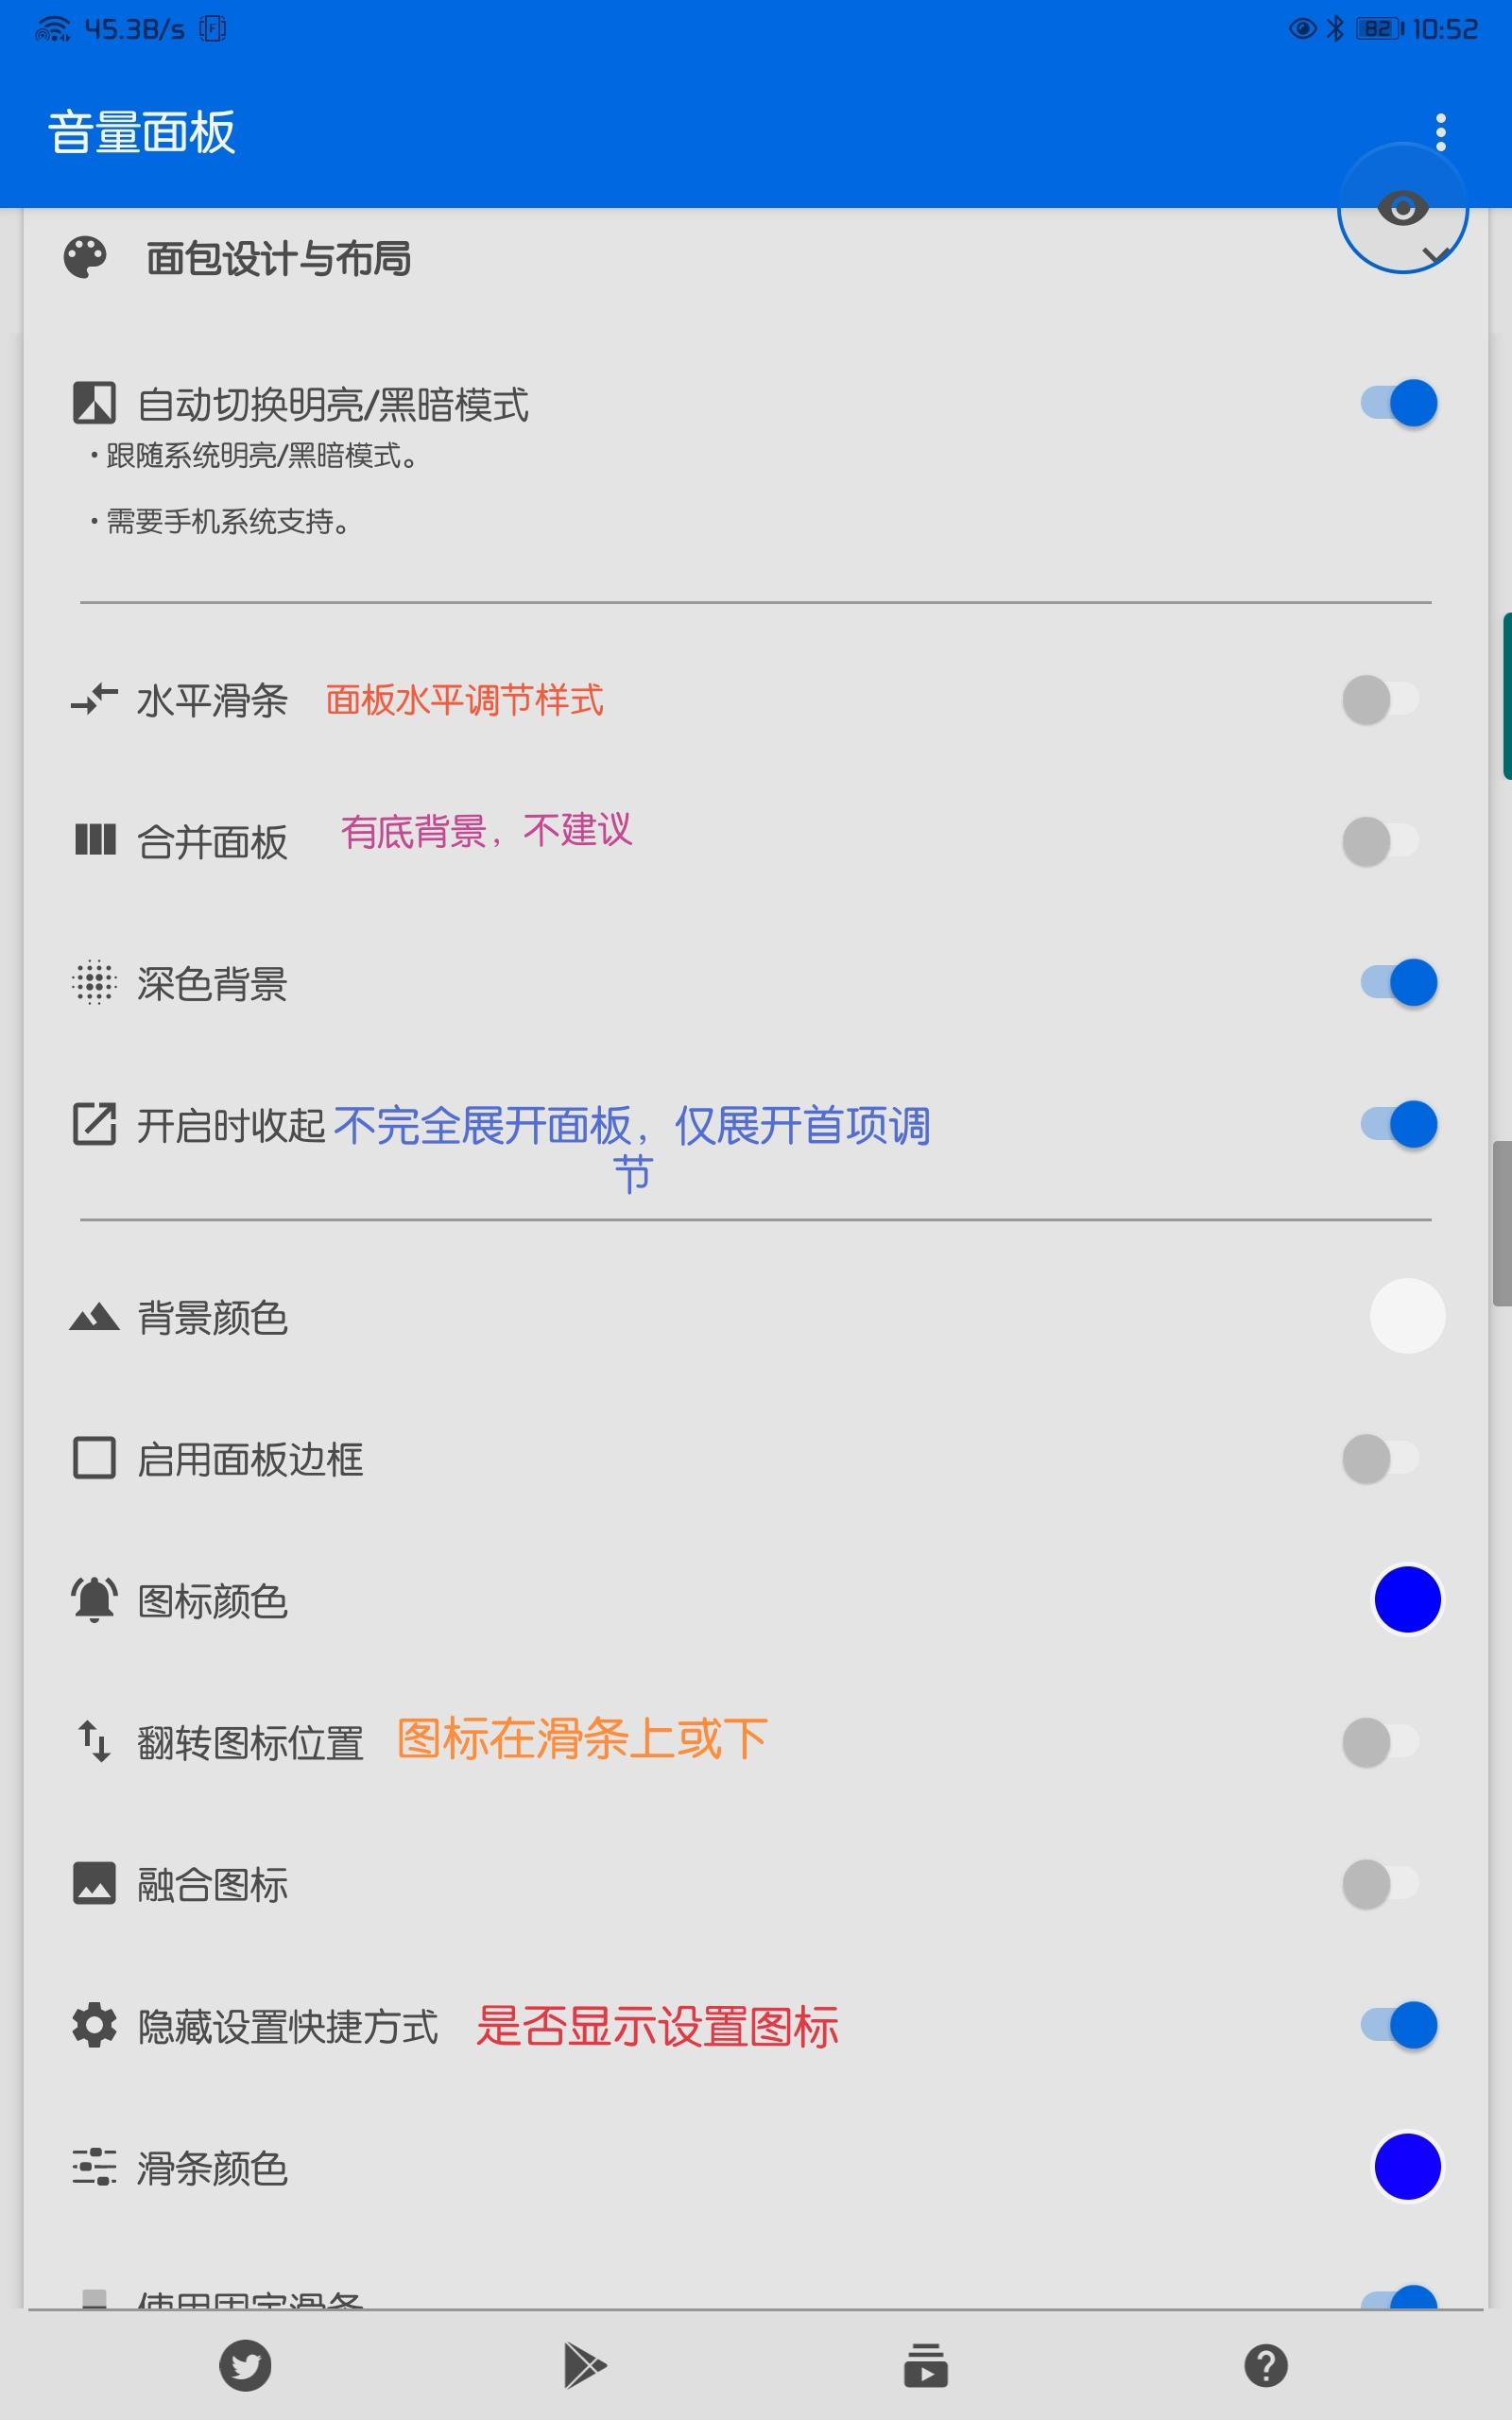 Screenshot_20200607_111010.jpg